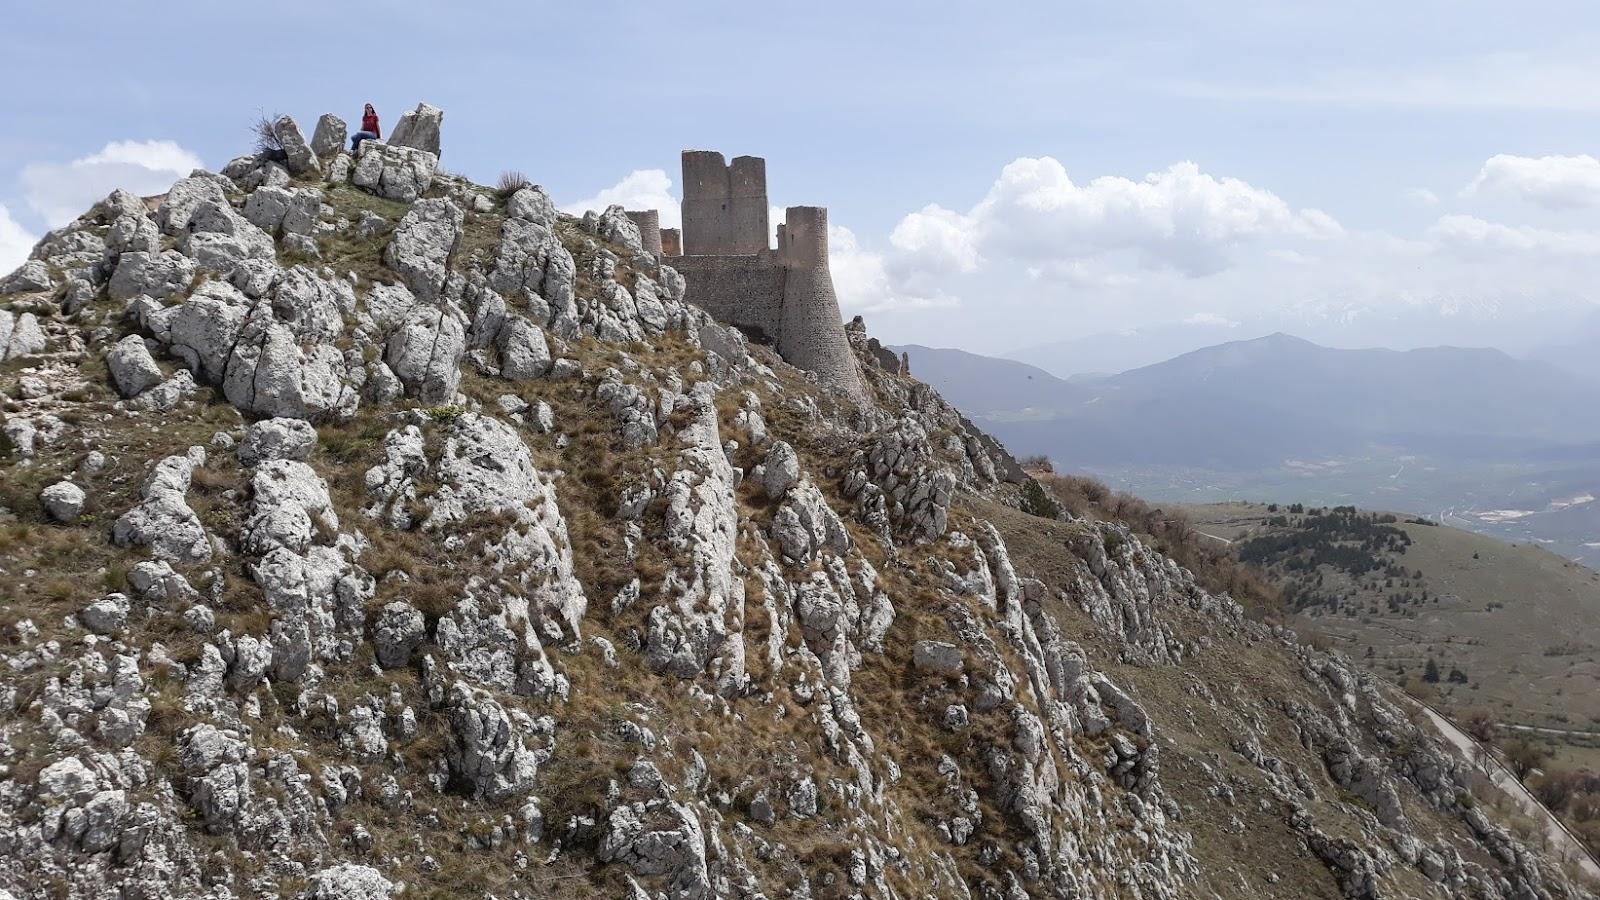 Pohled na italský hrad jménem Rocca Calascio v oblasti Abruzzo.